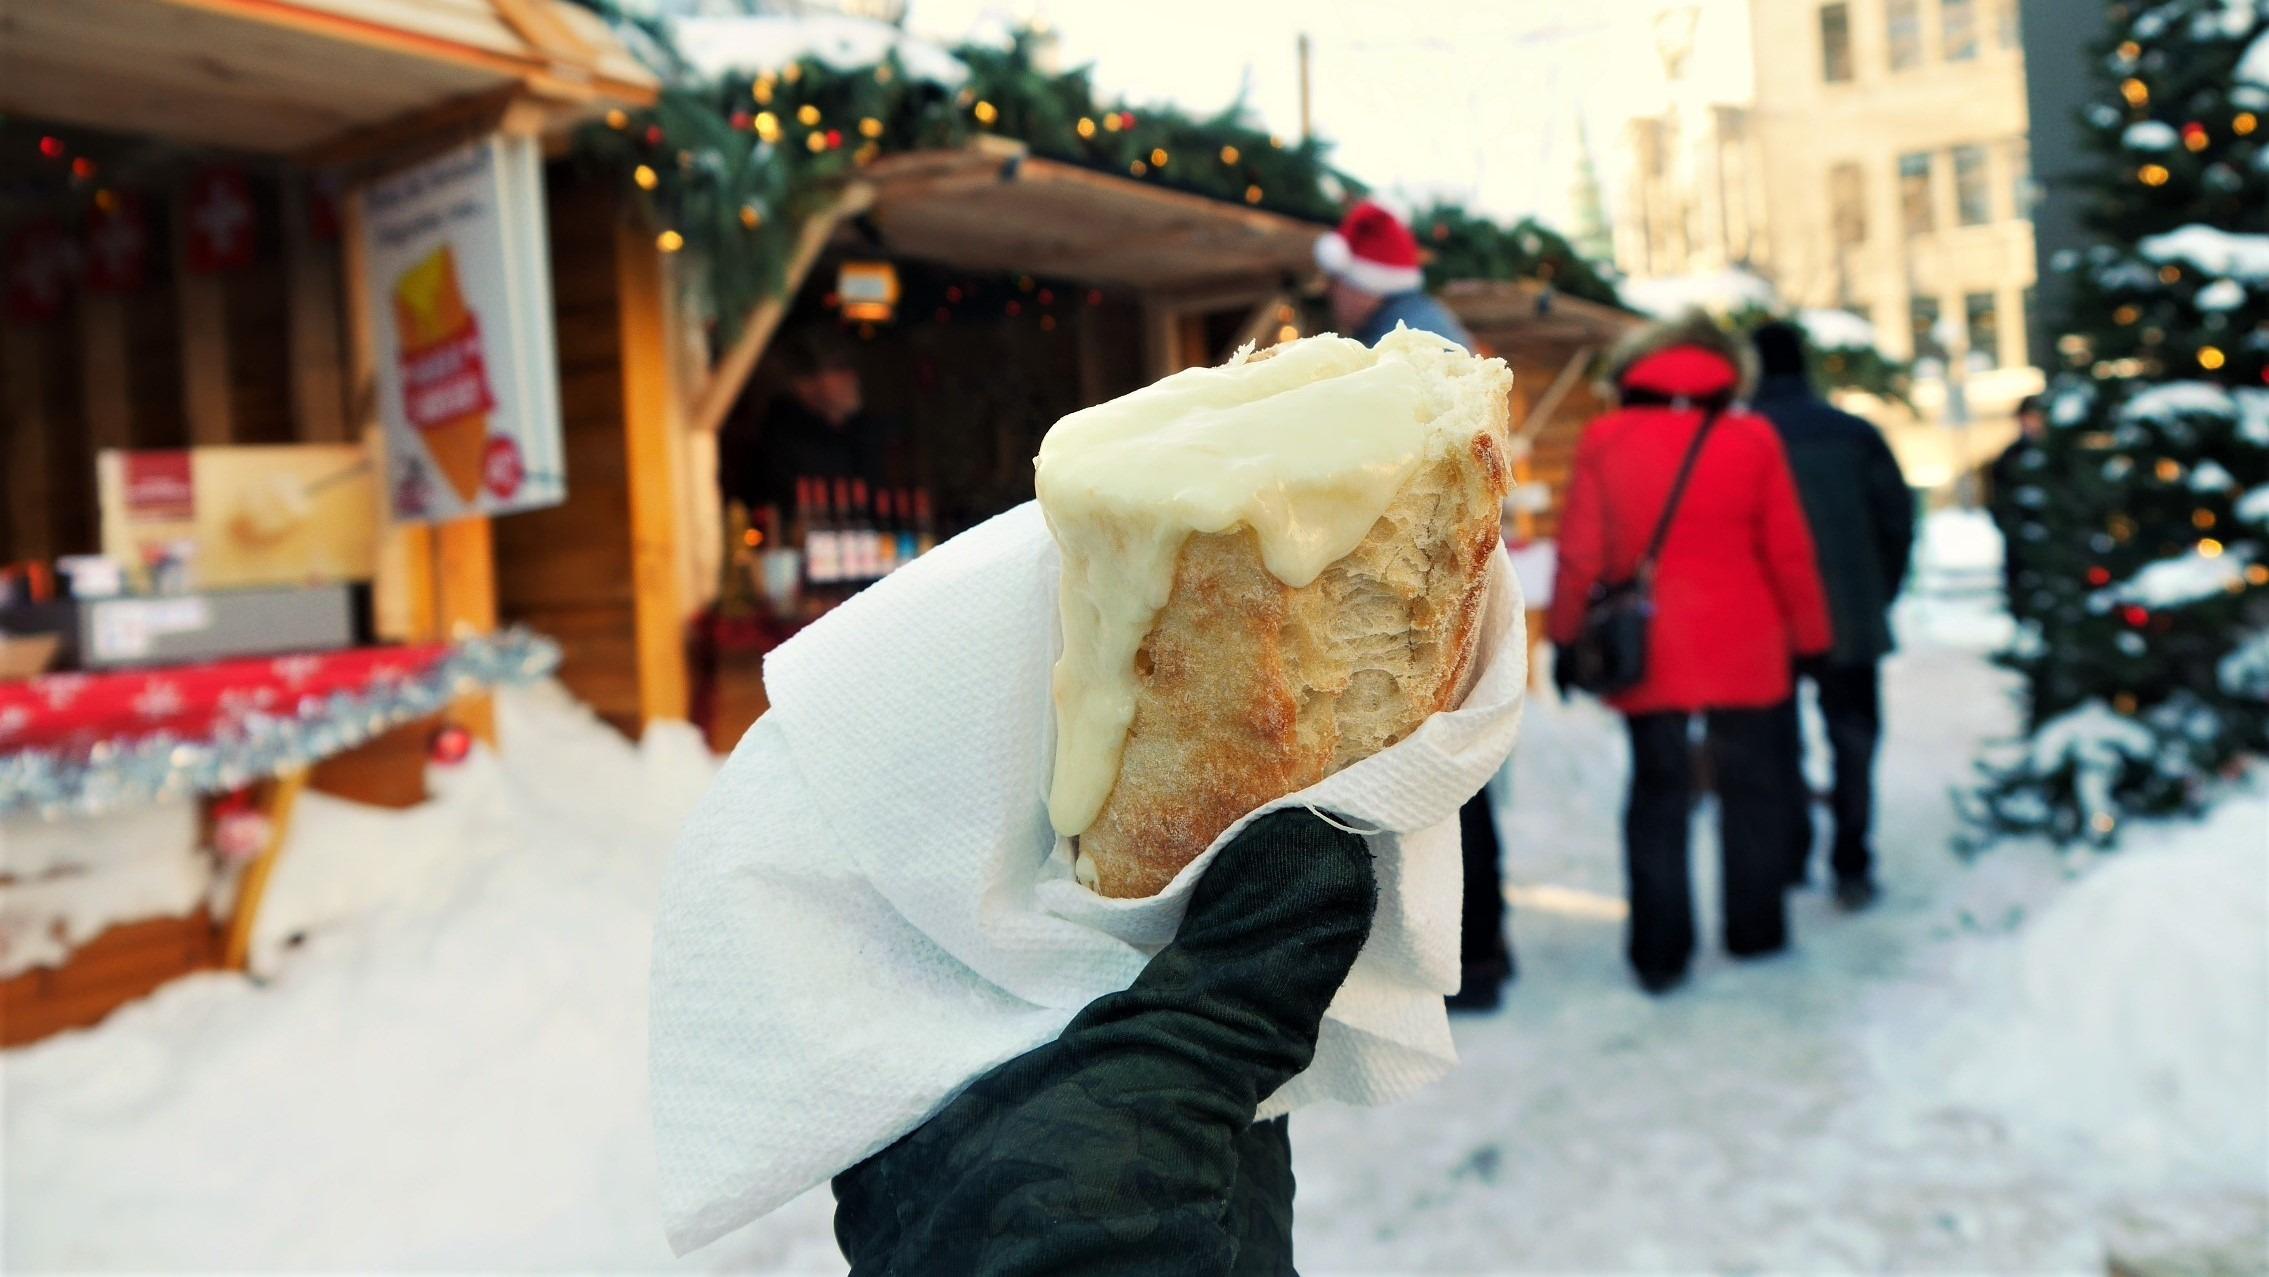 Quebec noel reveillon marche noel infos pratiques blog voyage canada hiver arpenter le chemin